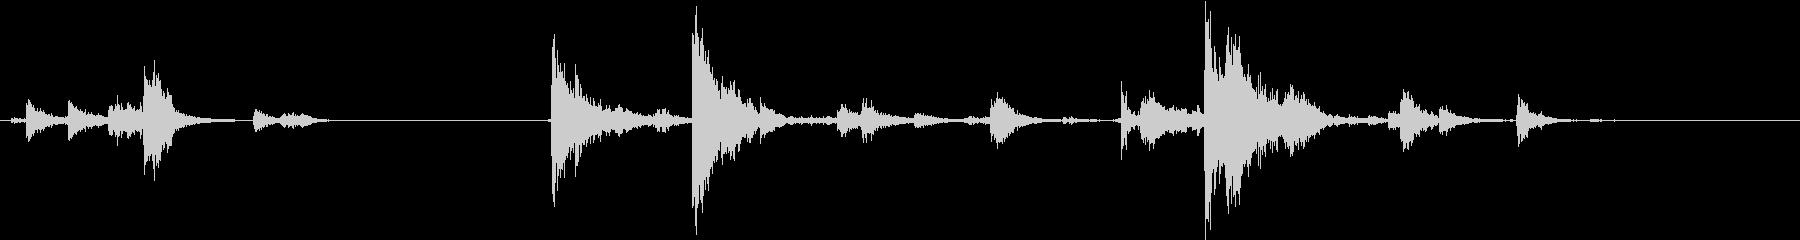 【生録音】装備品の音 金属 武器 9の未再生の波形